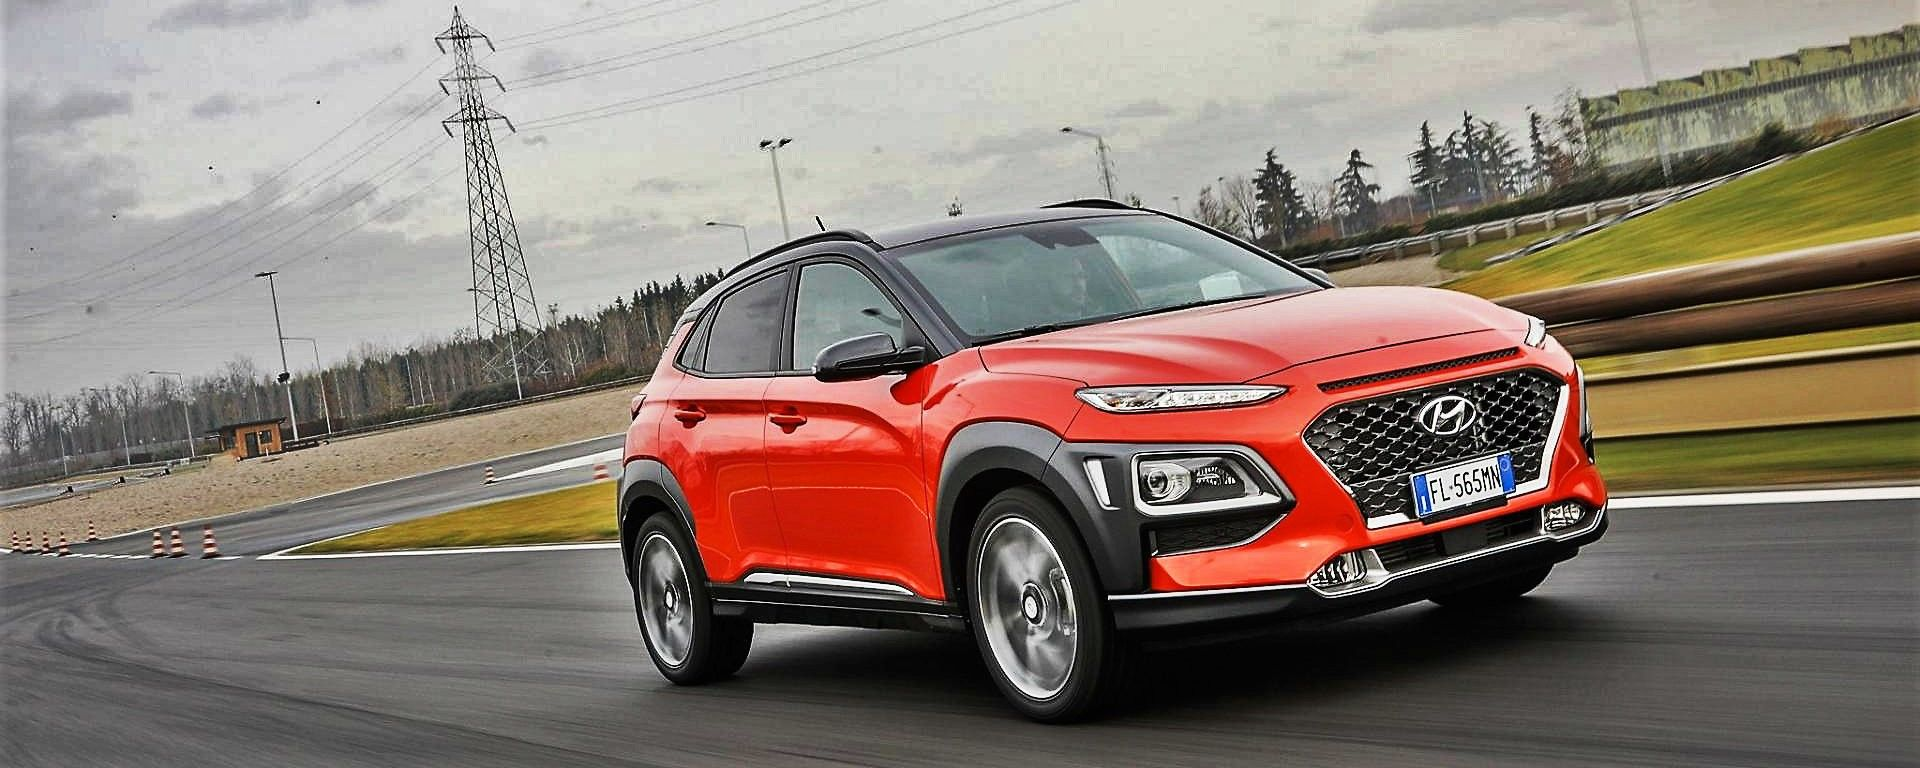 Hyundai: a breve una versione ad alte prestazioni della Kona